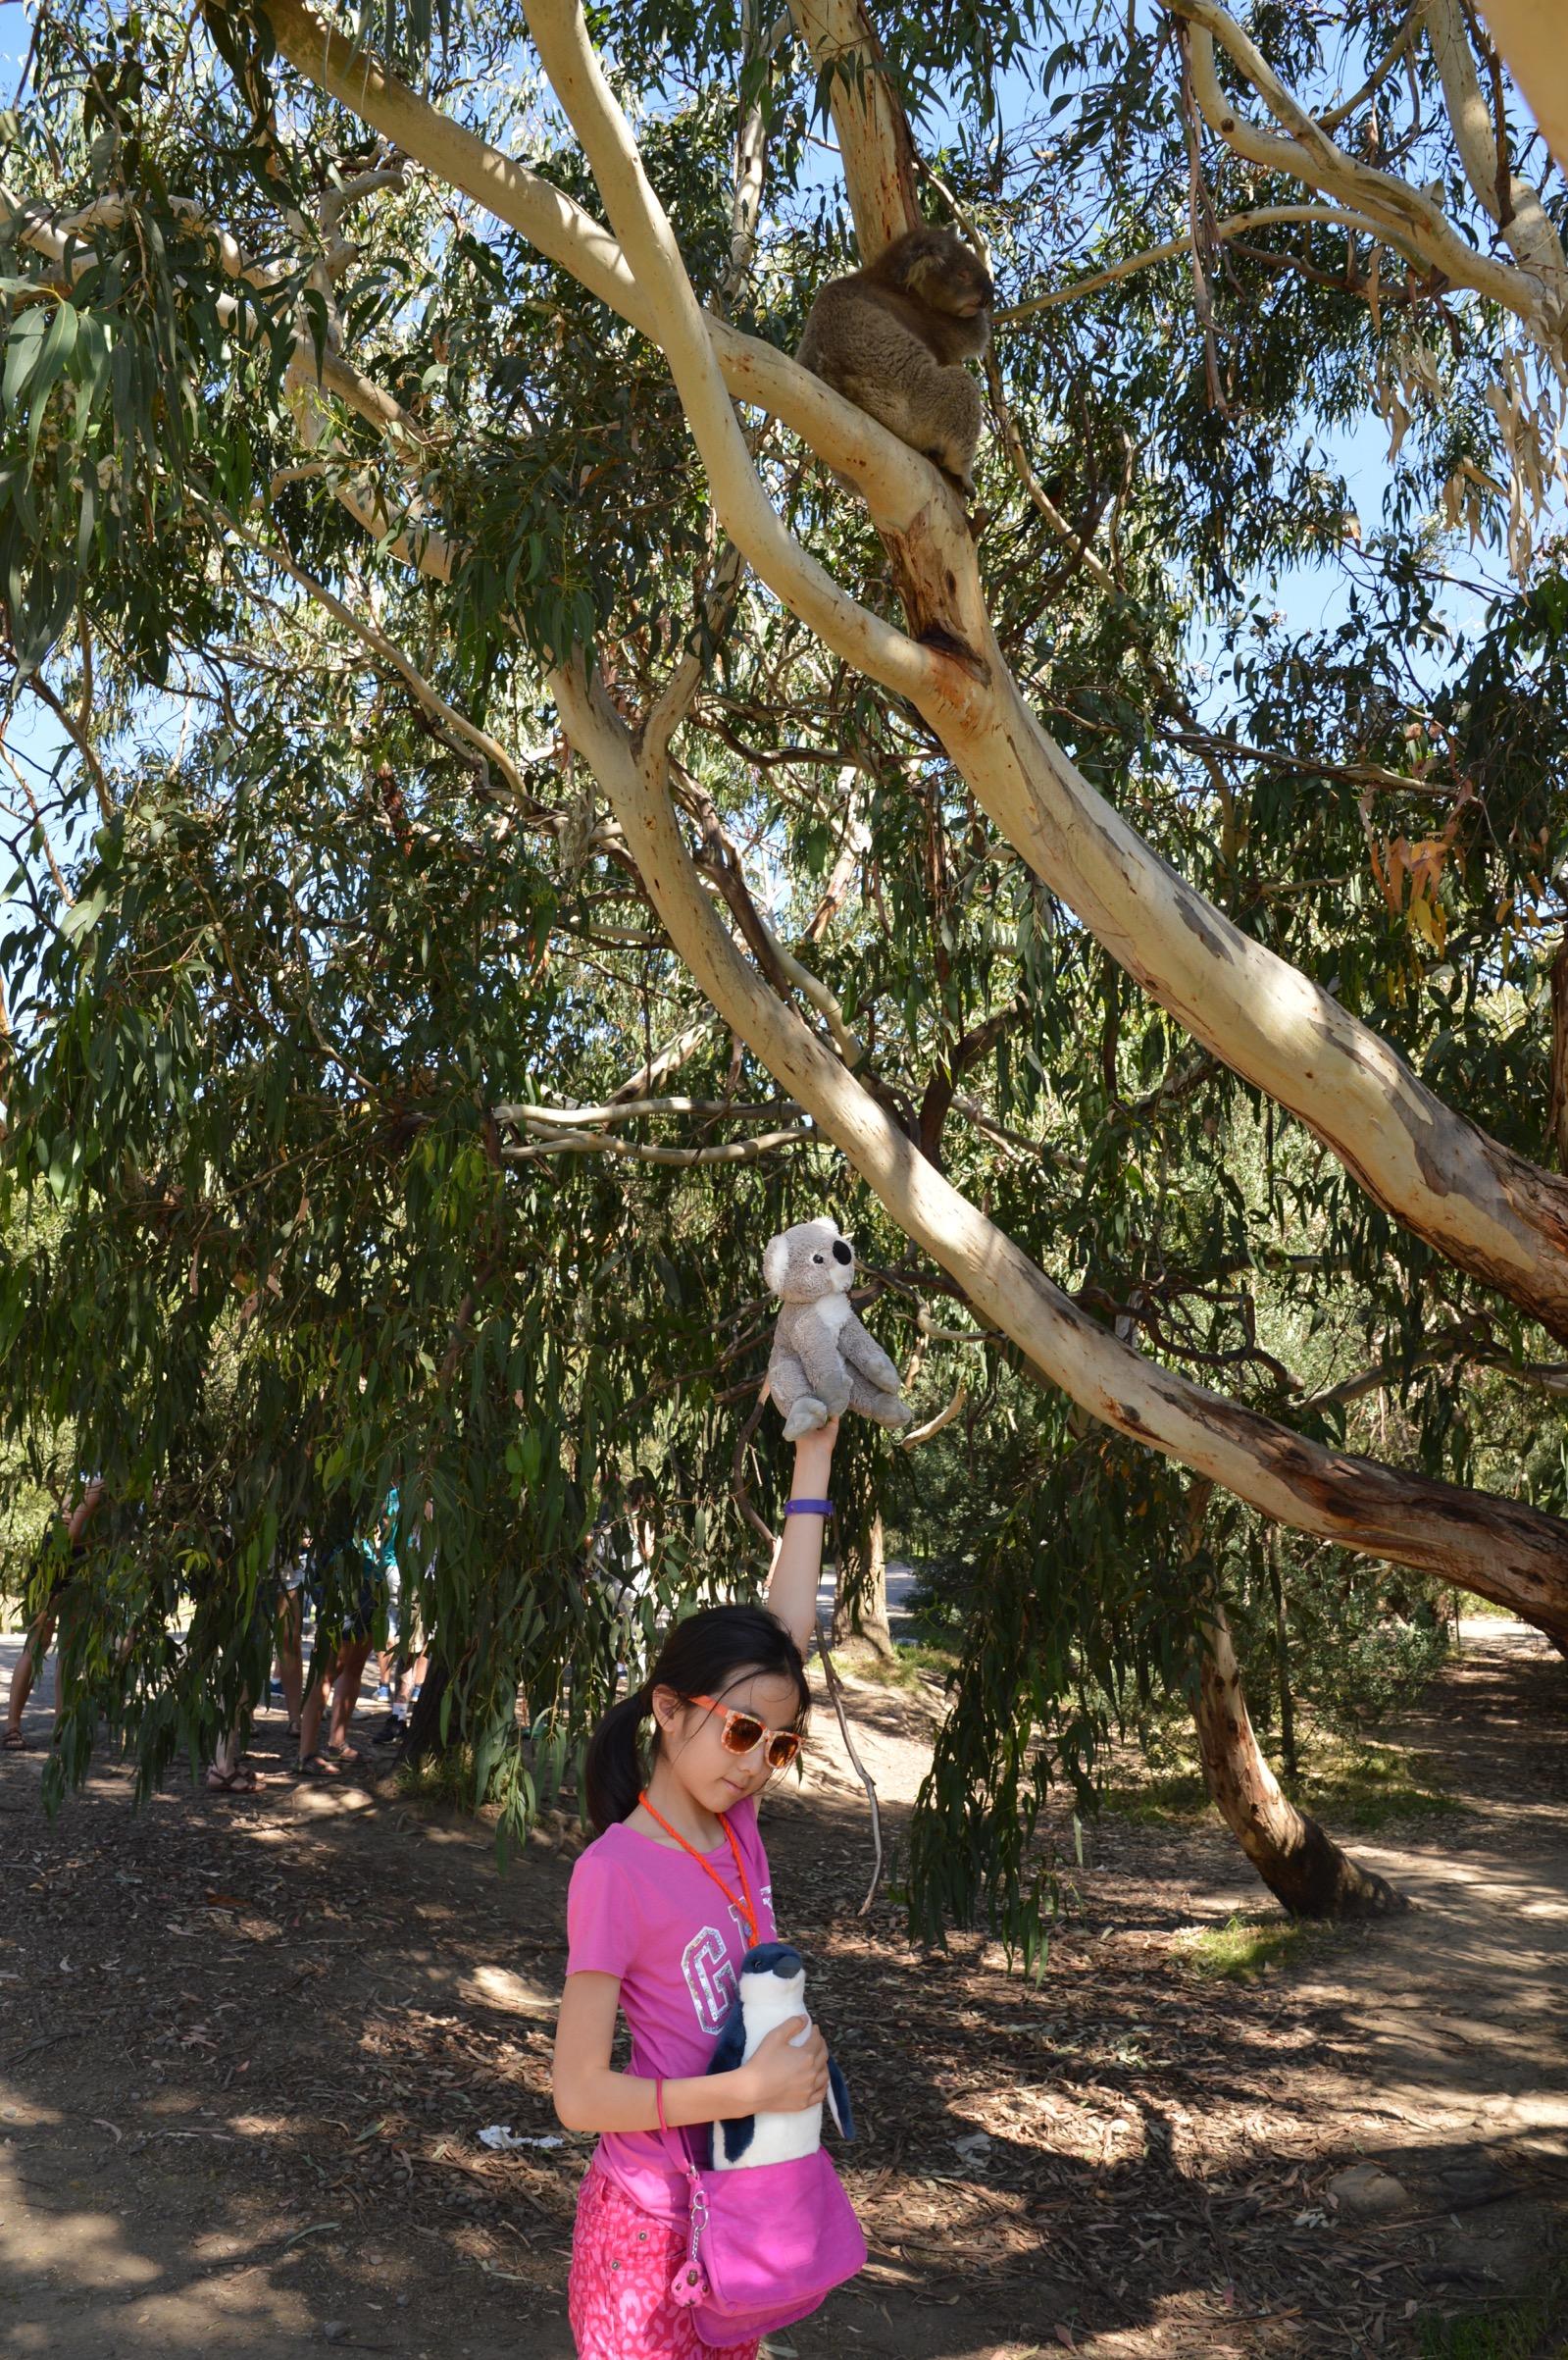 Koala, Kennet River, Australia